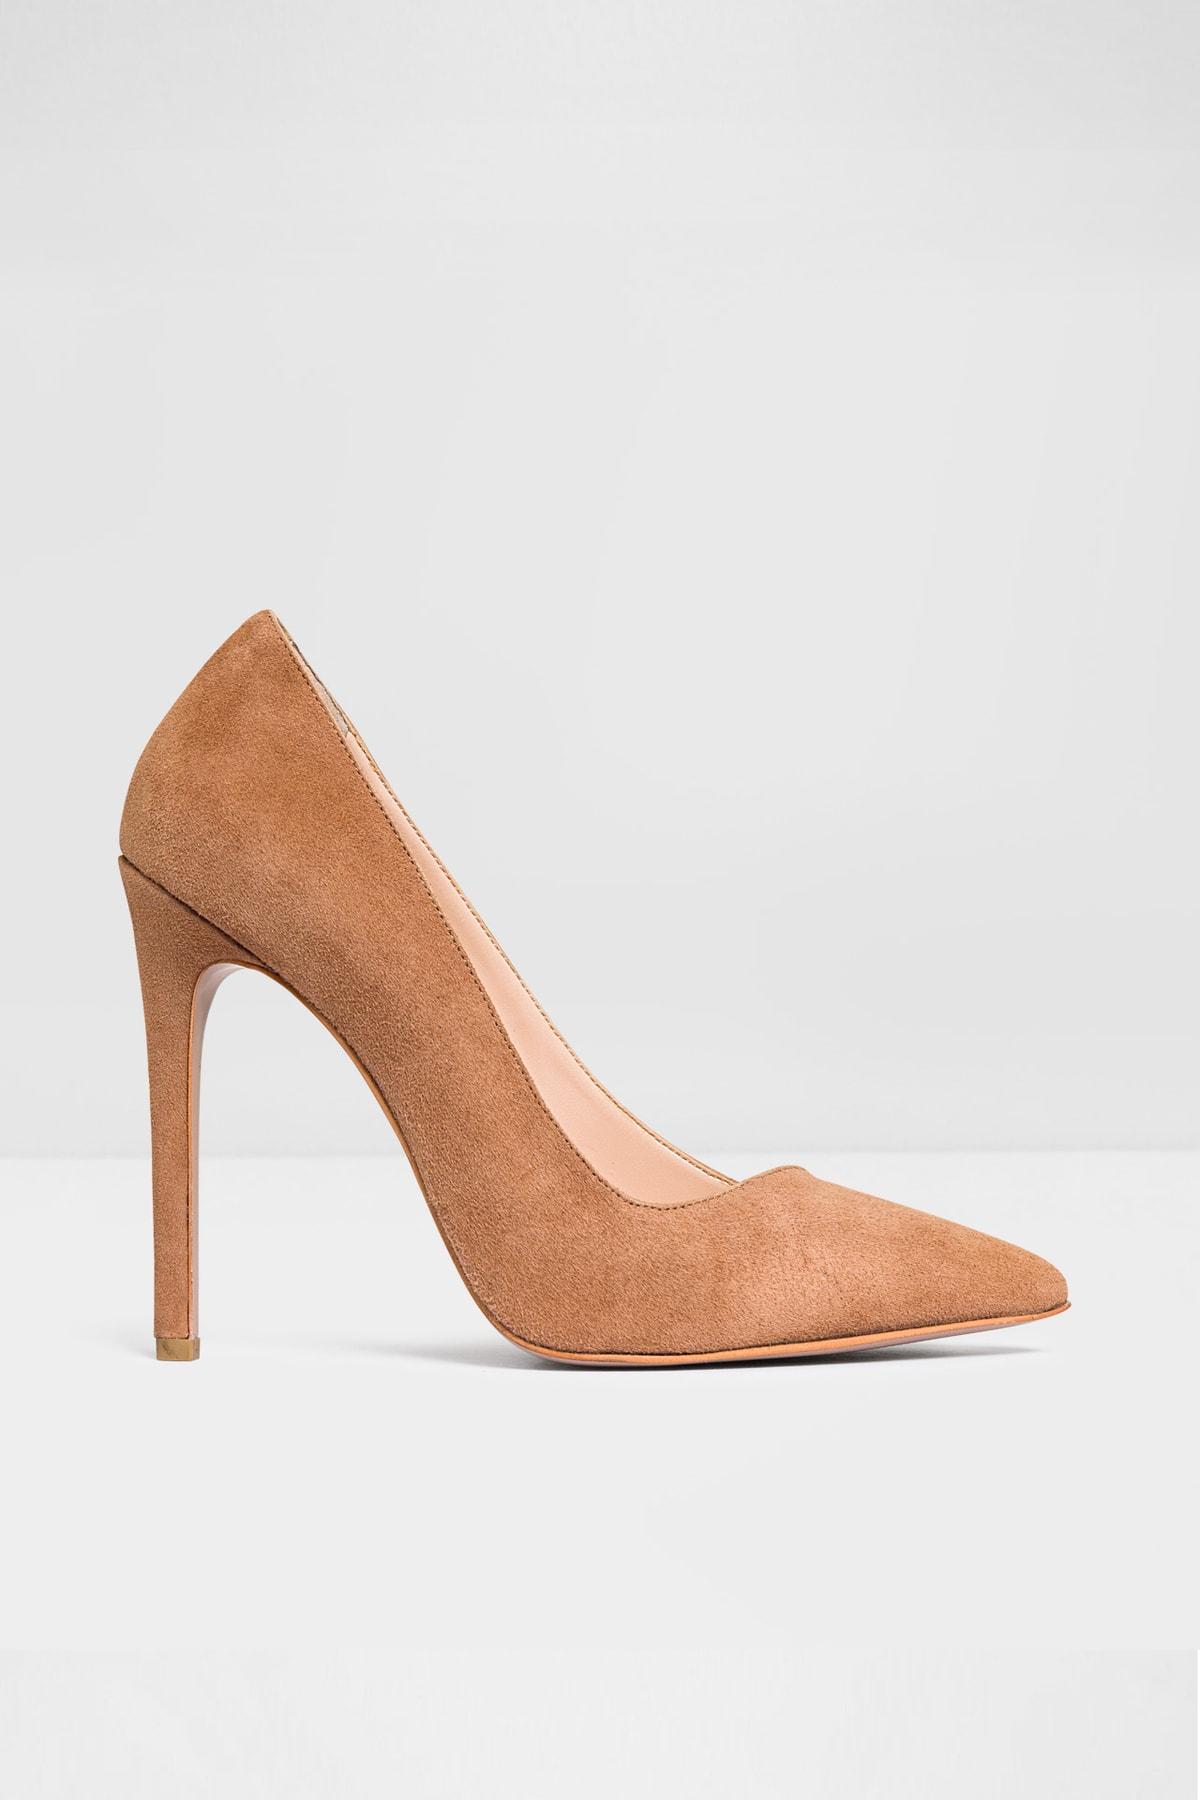 Aldo Kadın Taba Topuklu Ayakkabı 1